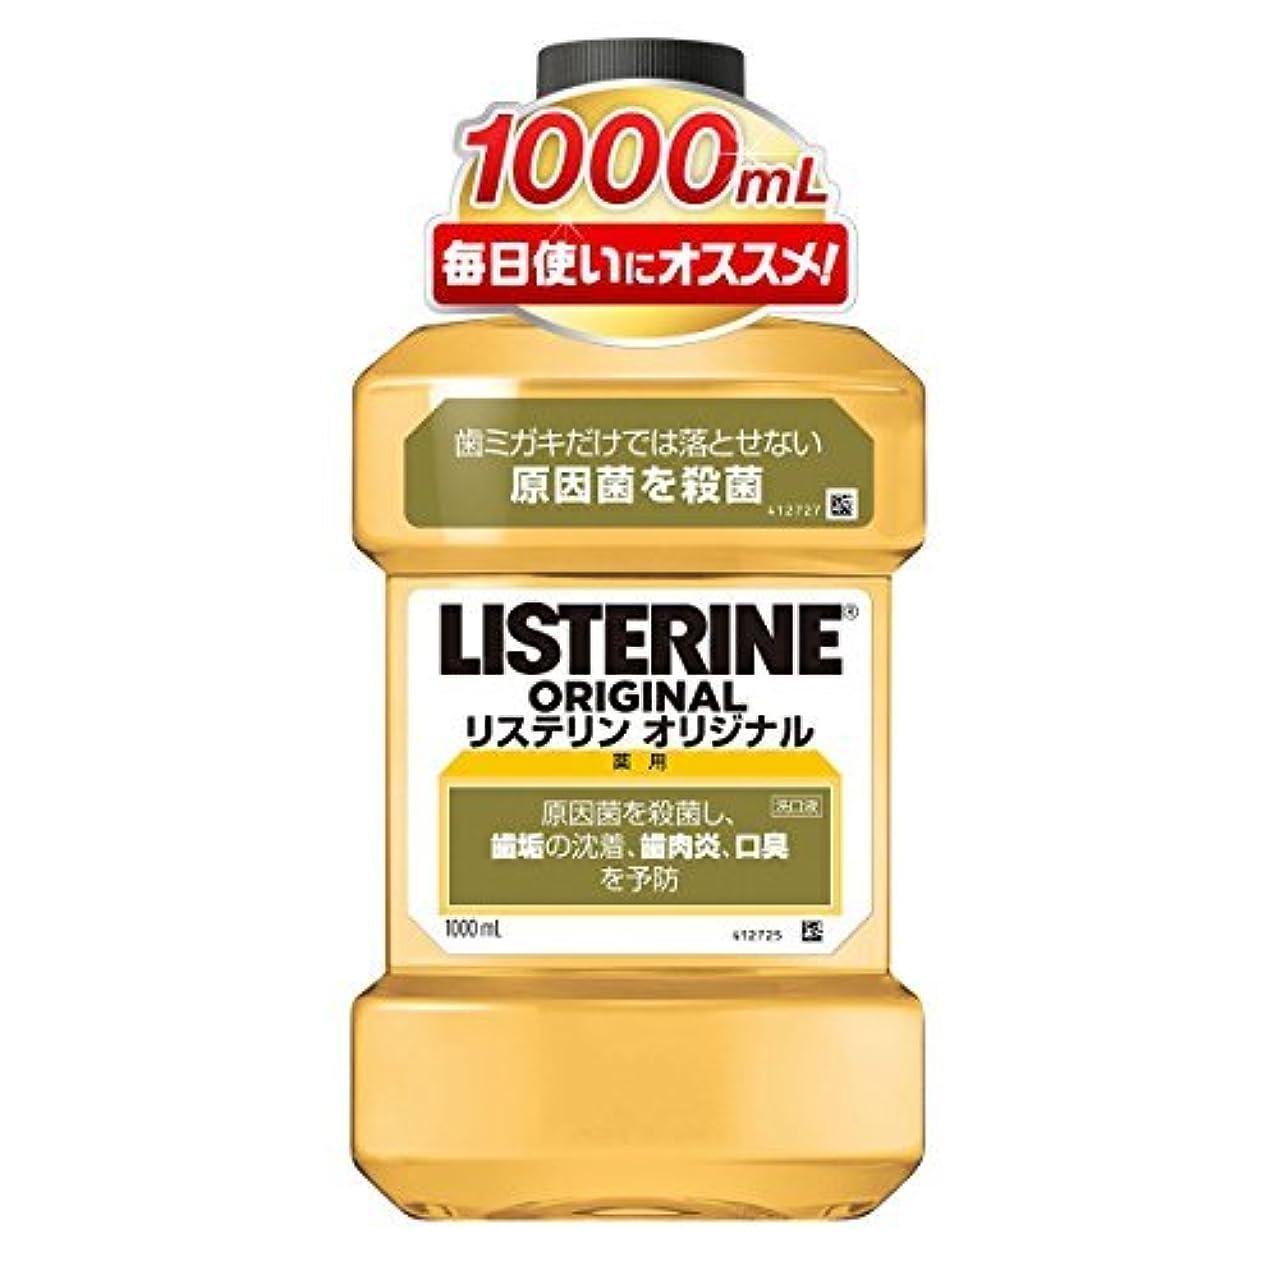 本を読むショッピングセンター成熟した薬用リステリン オリジナル 1000ml ×6個セット